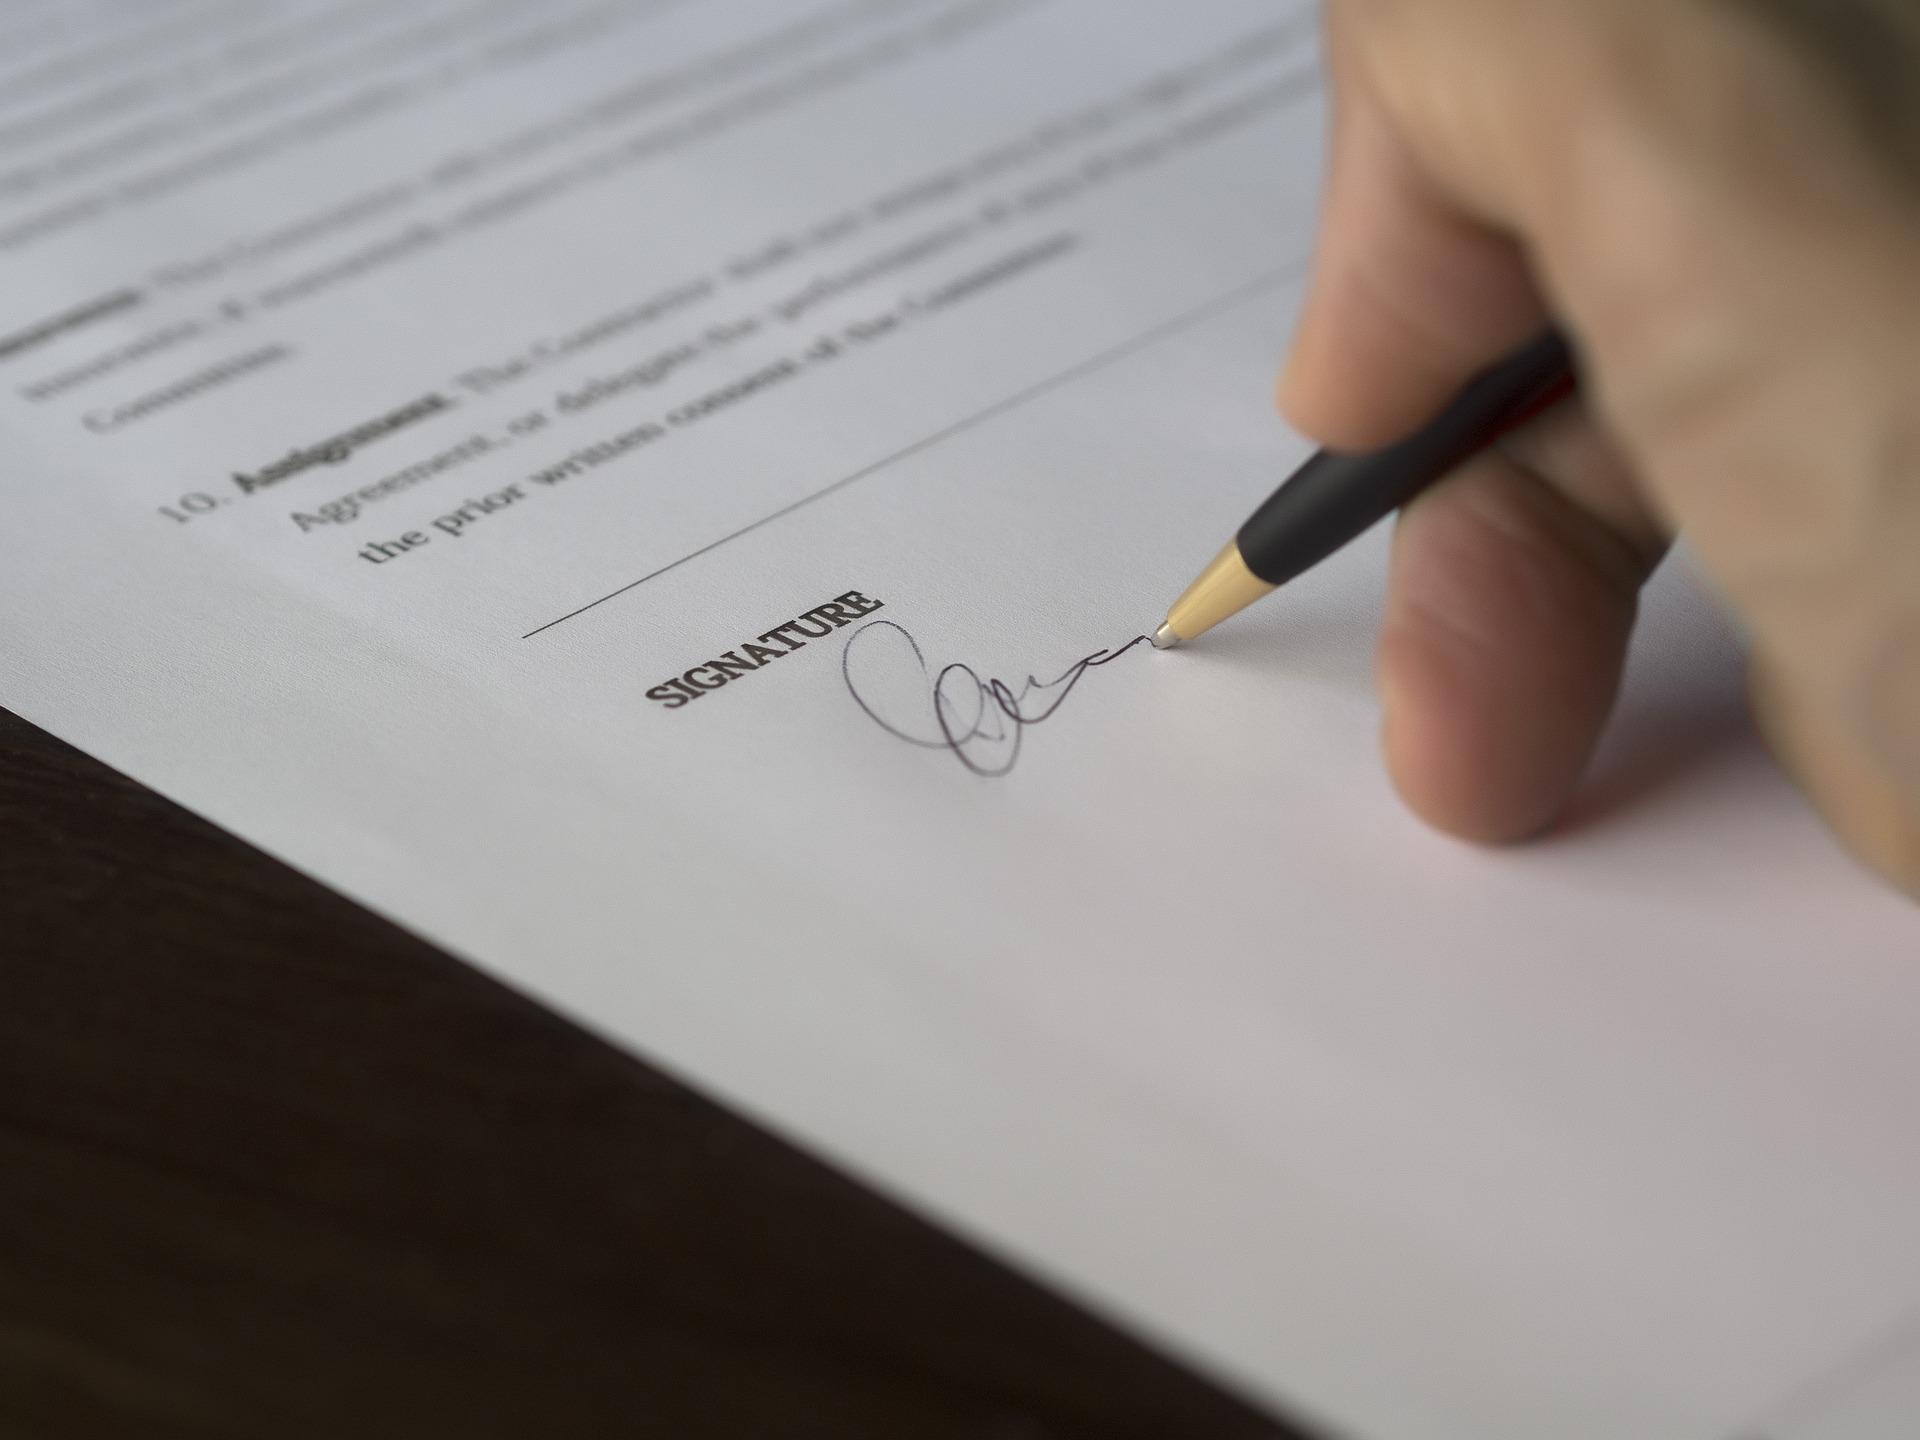 Před podpisem smlouvy o čerpání úvěru si udělejte analýzu firmy s kterou smlouvu podepisujete (Public Domain)